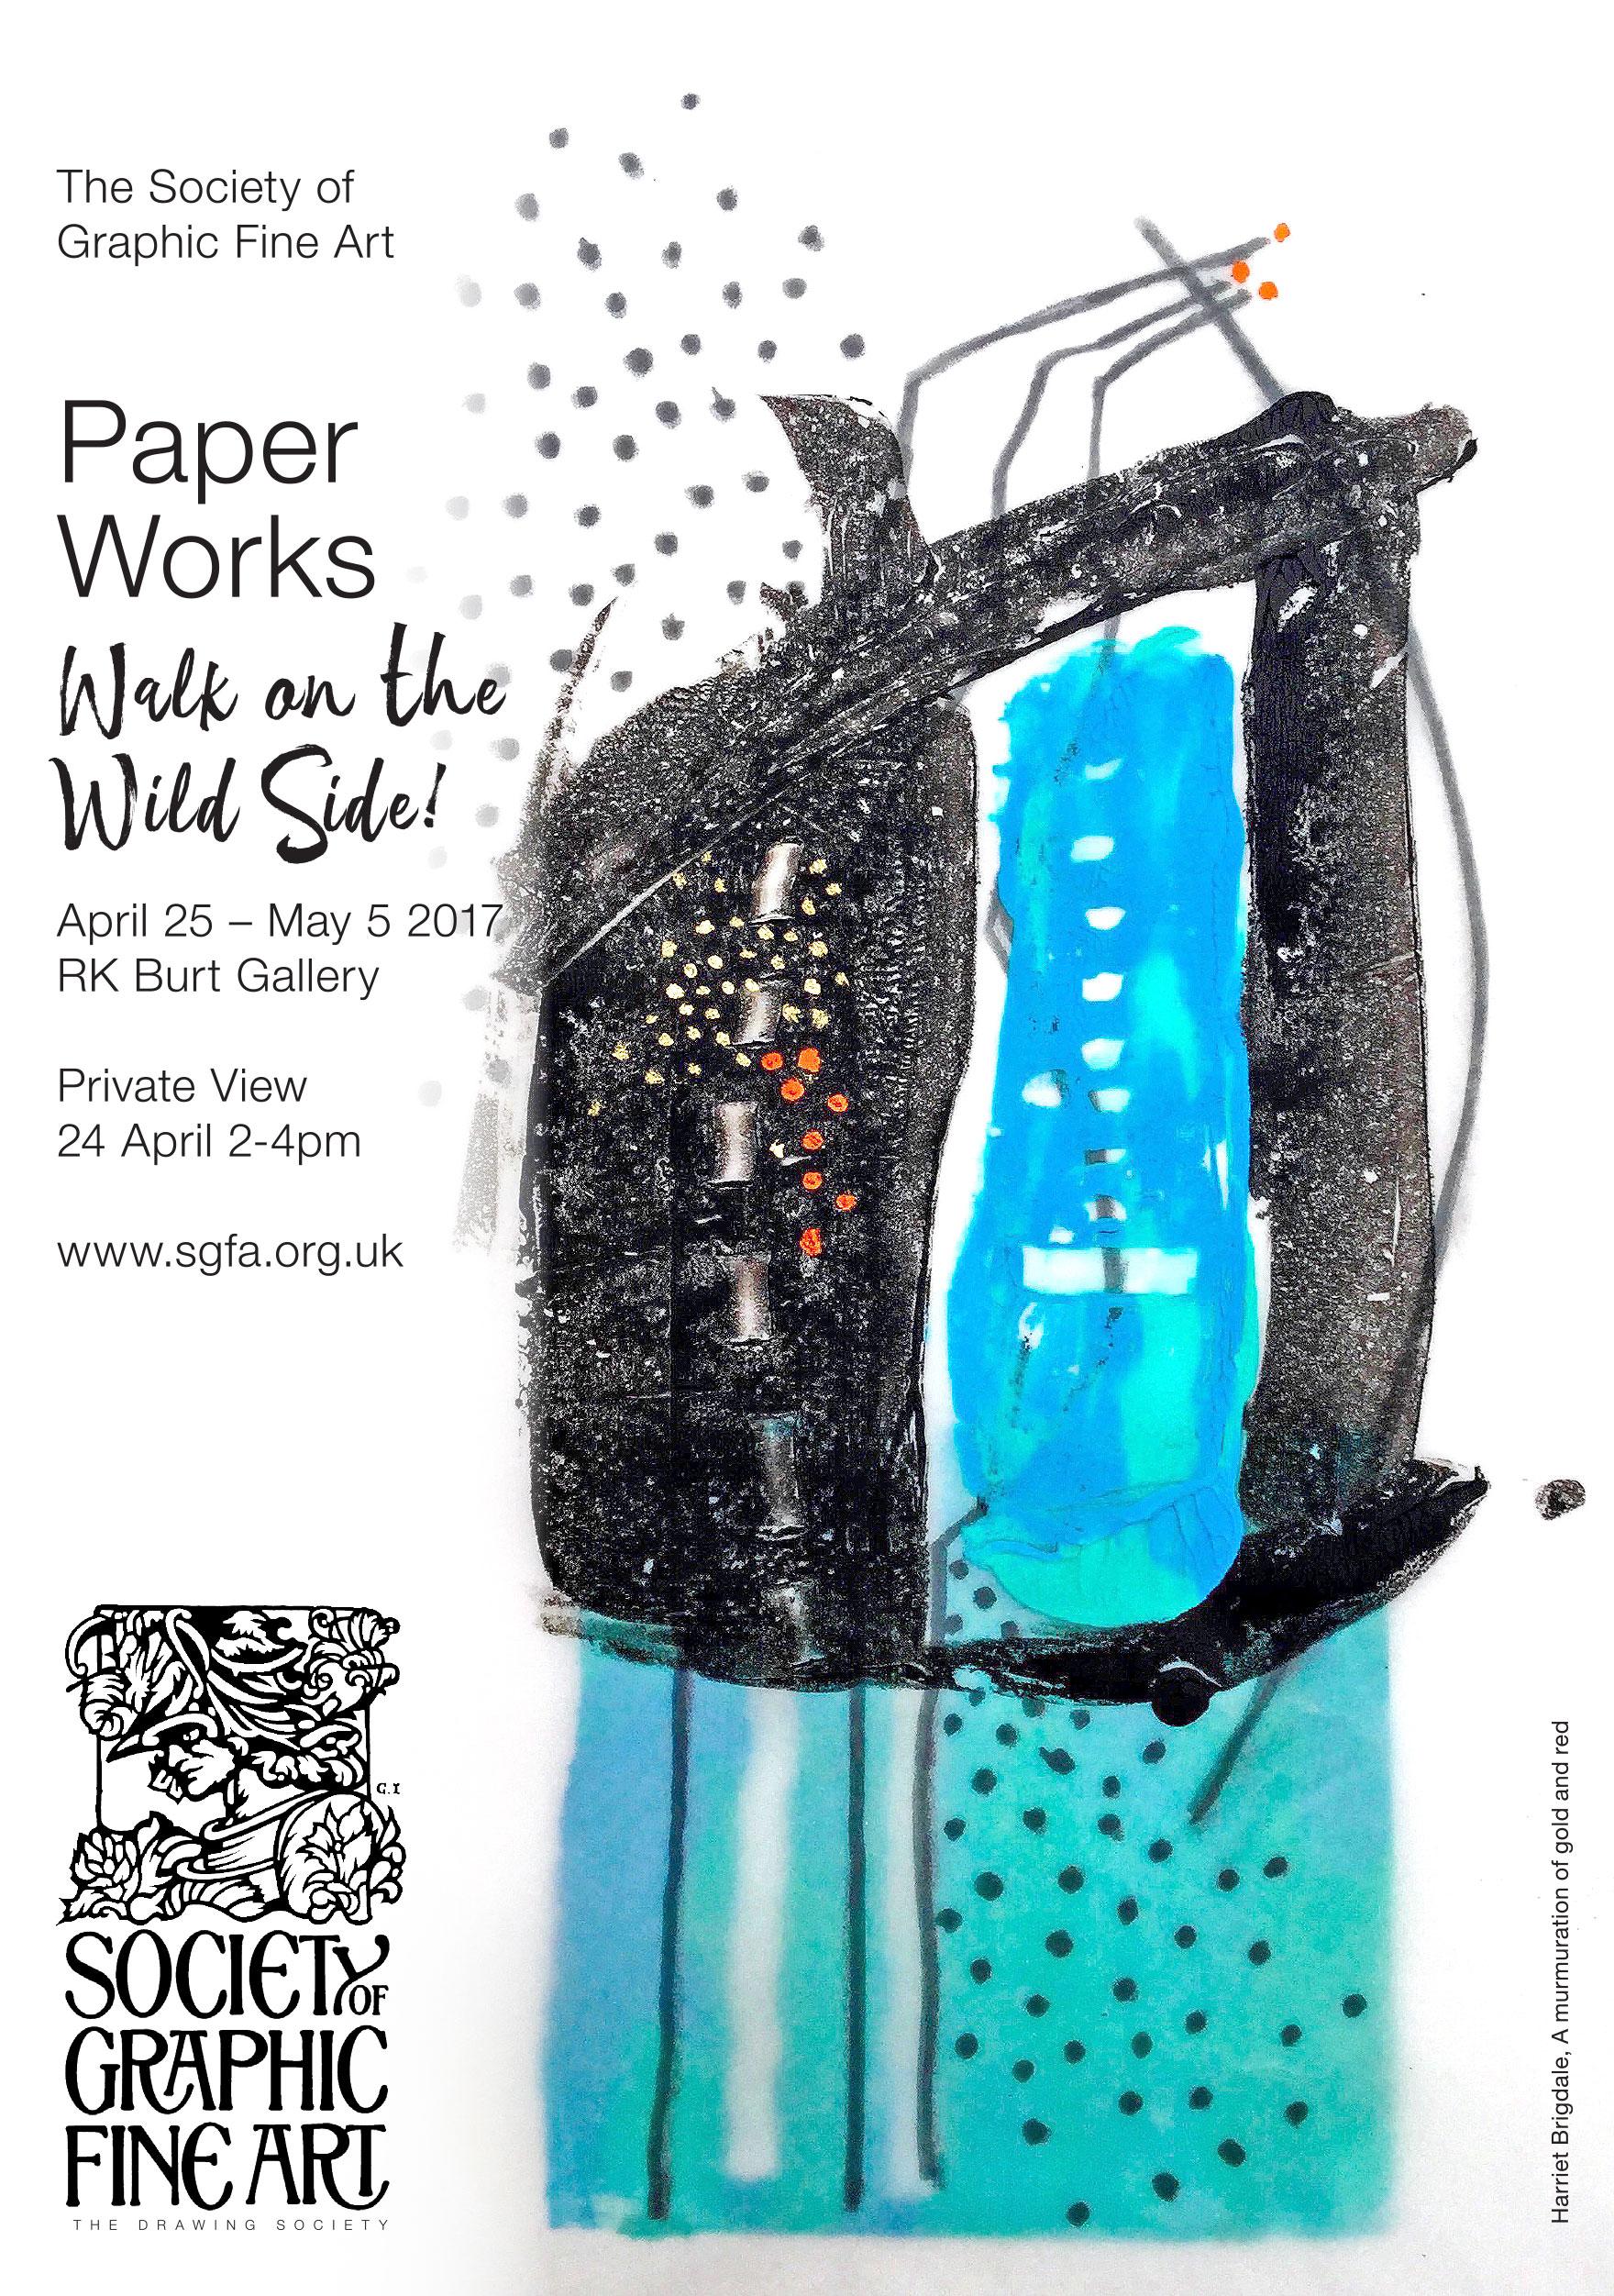 RK Burt Gallery, SGFA Exhibition, Harriet Brigdale invite